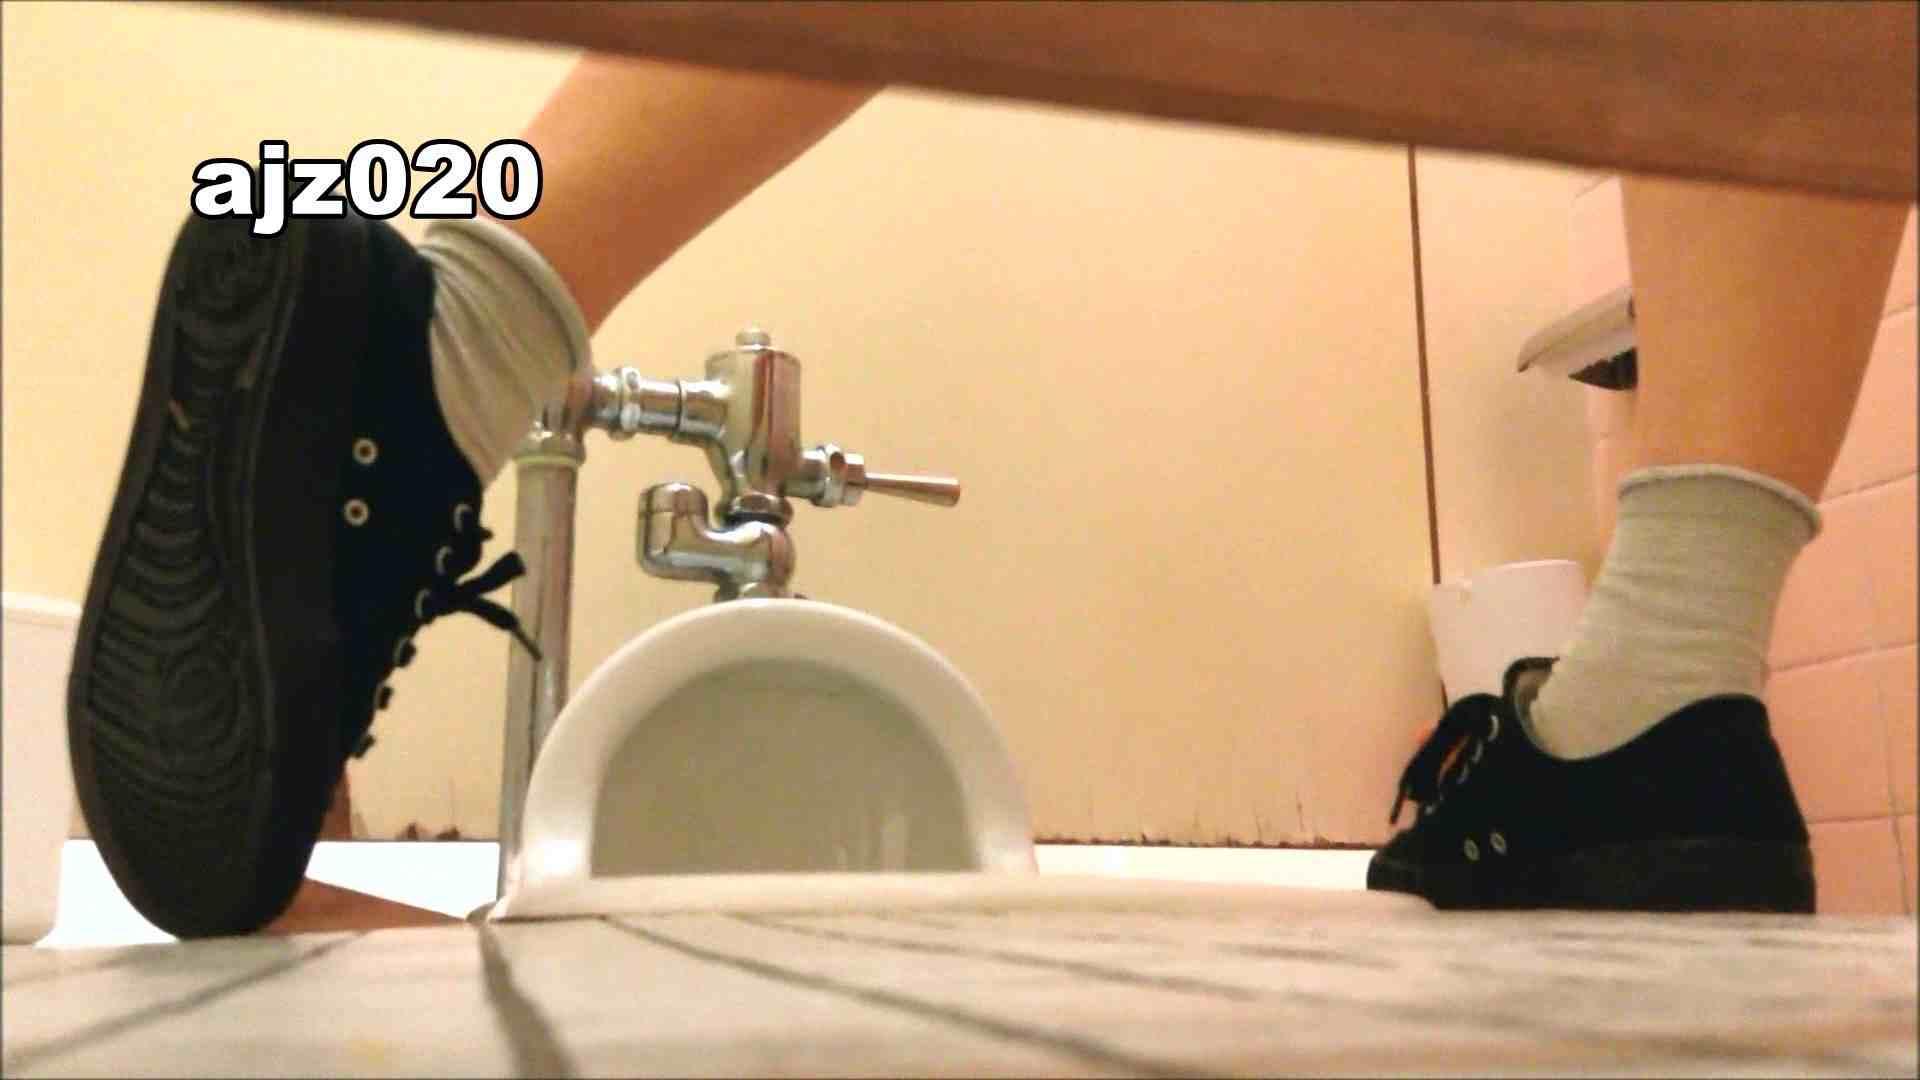 某有名大学女性洗面所 vol.20 和式 盗み撮りSEX無修正画像 48画像 47